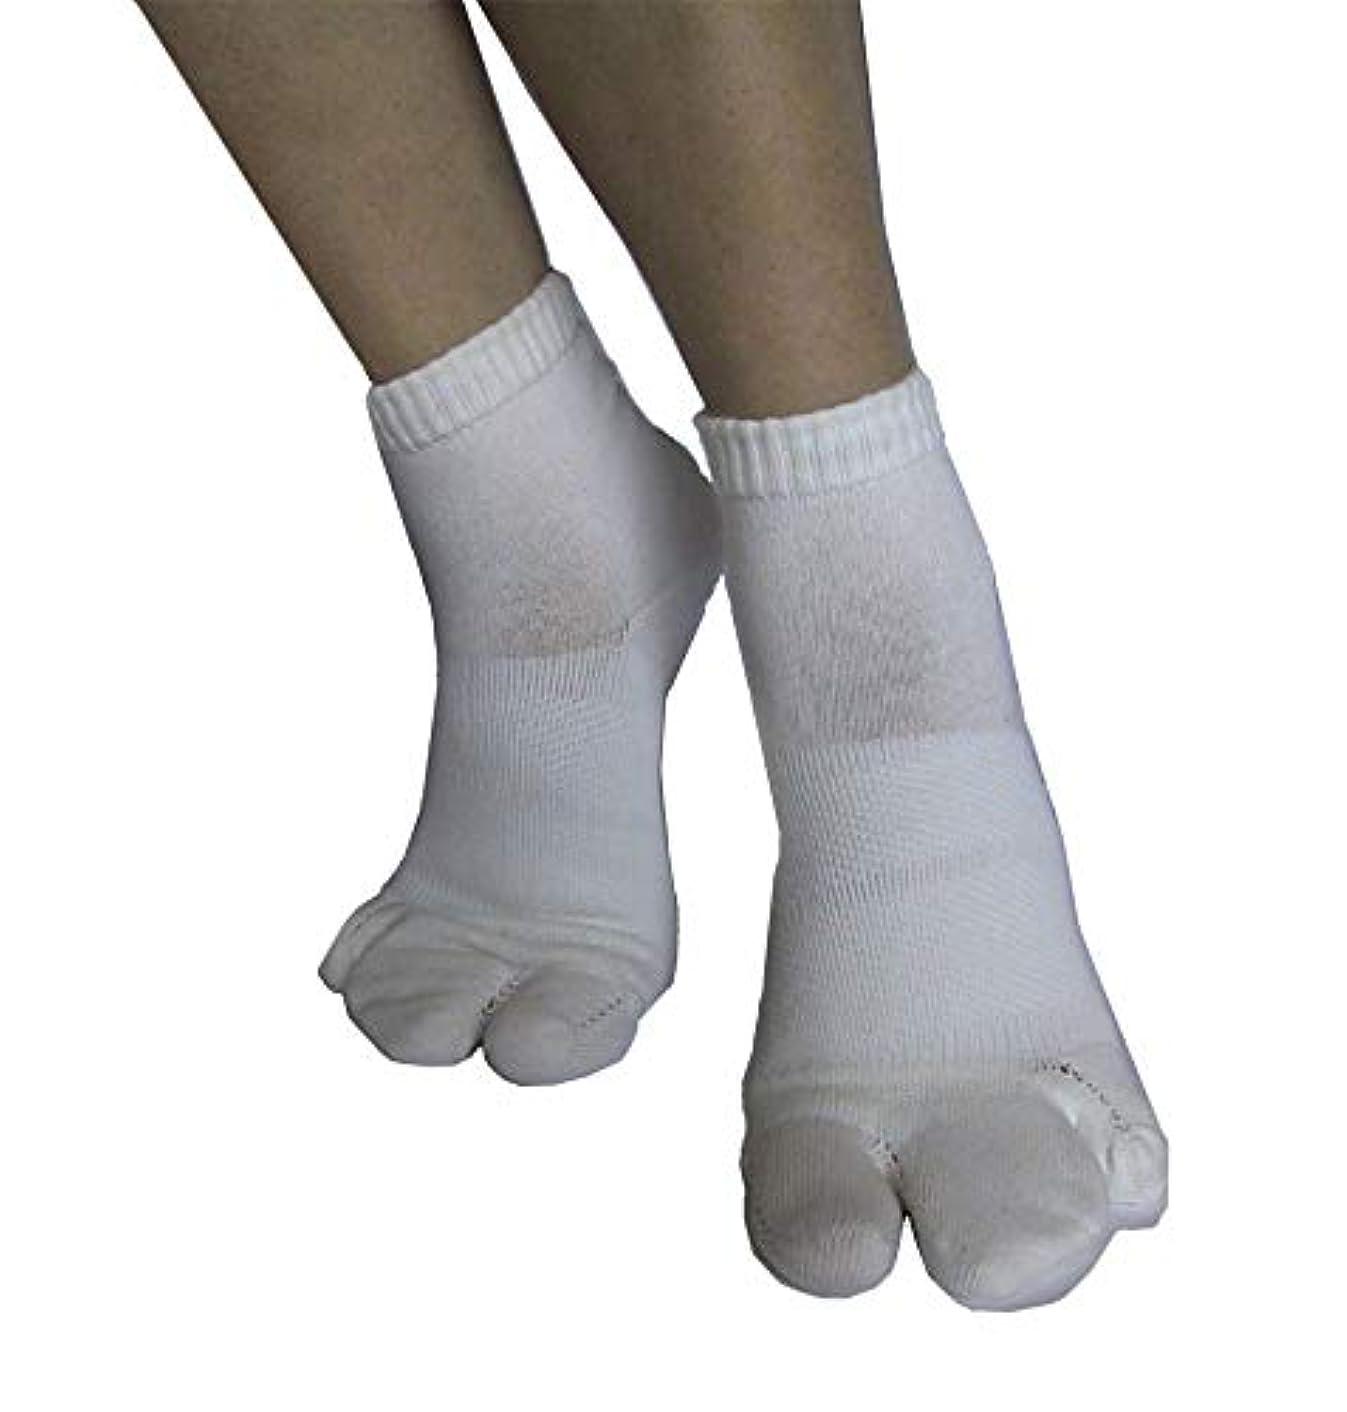 楽観刺激する目を覚ますカサハラ式サポーター ホソックス3本指テーピング靴下 ホワイトM 23.5-24.5cm